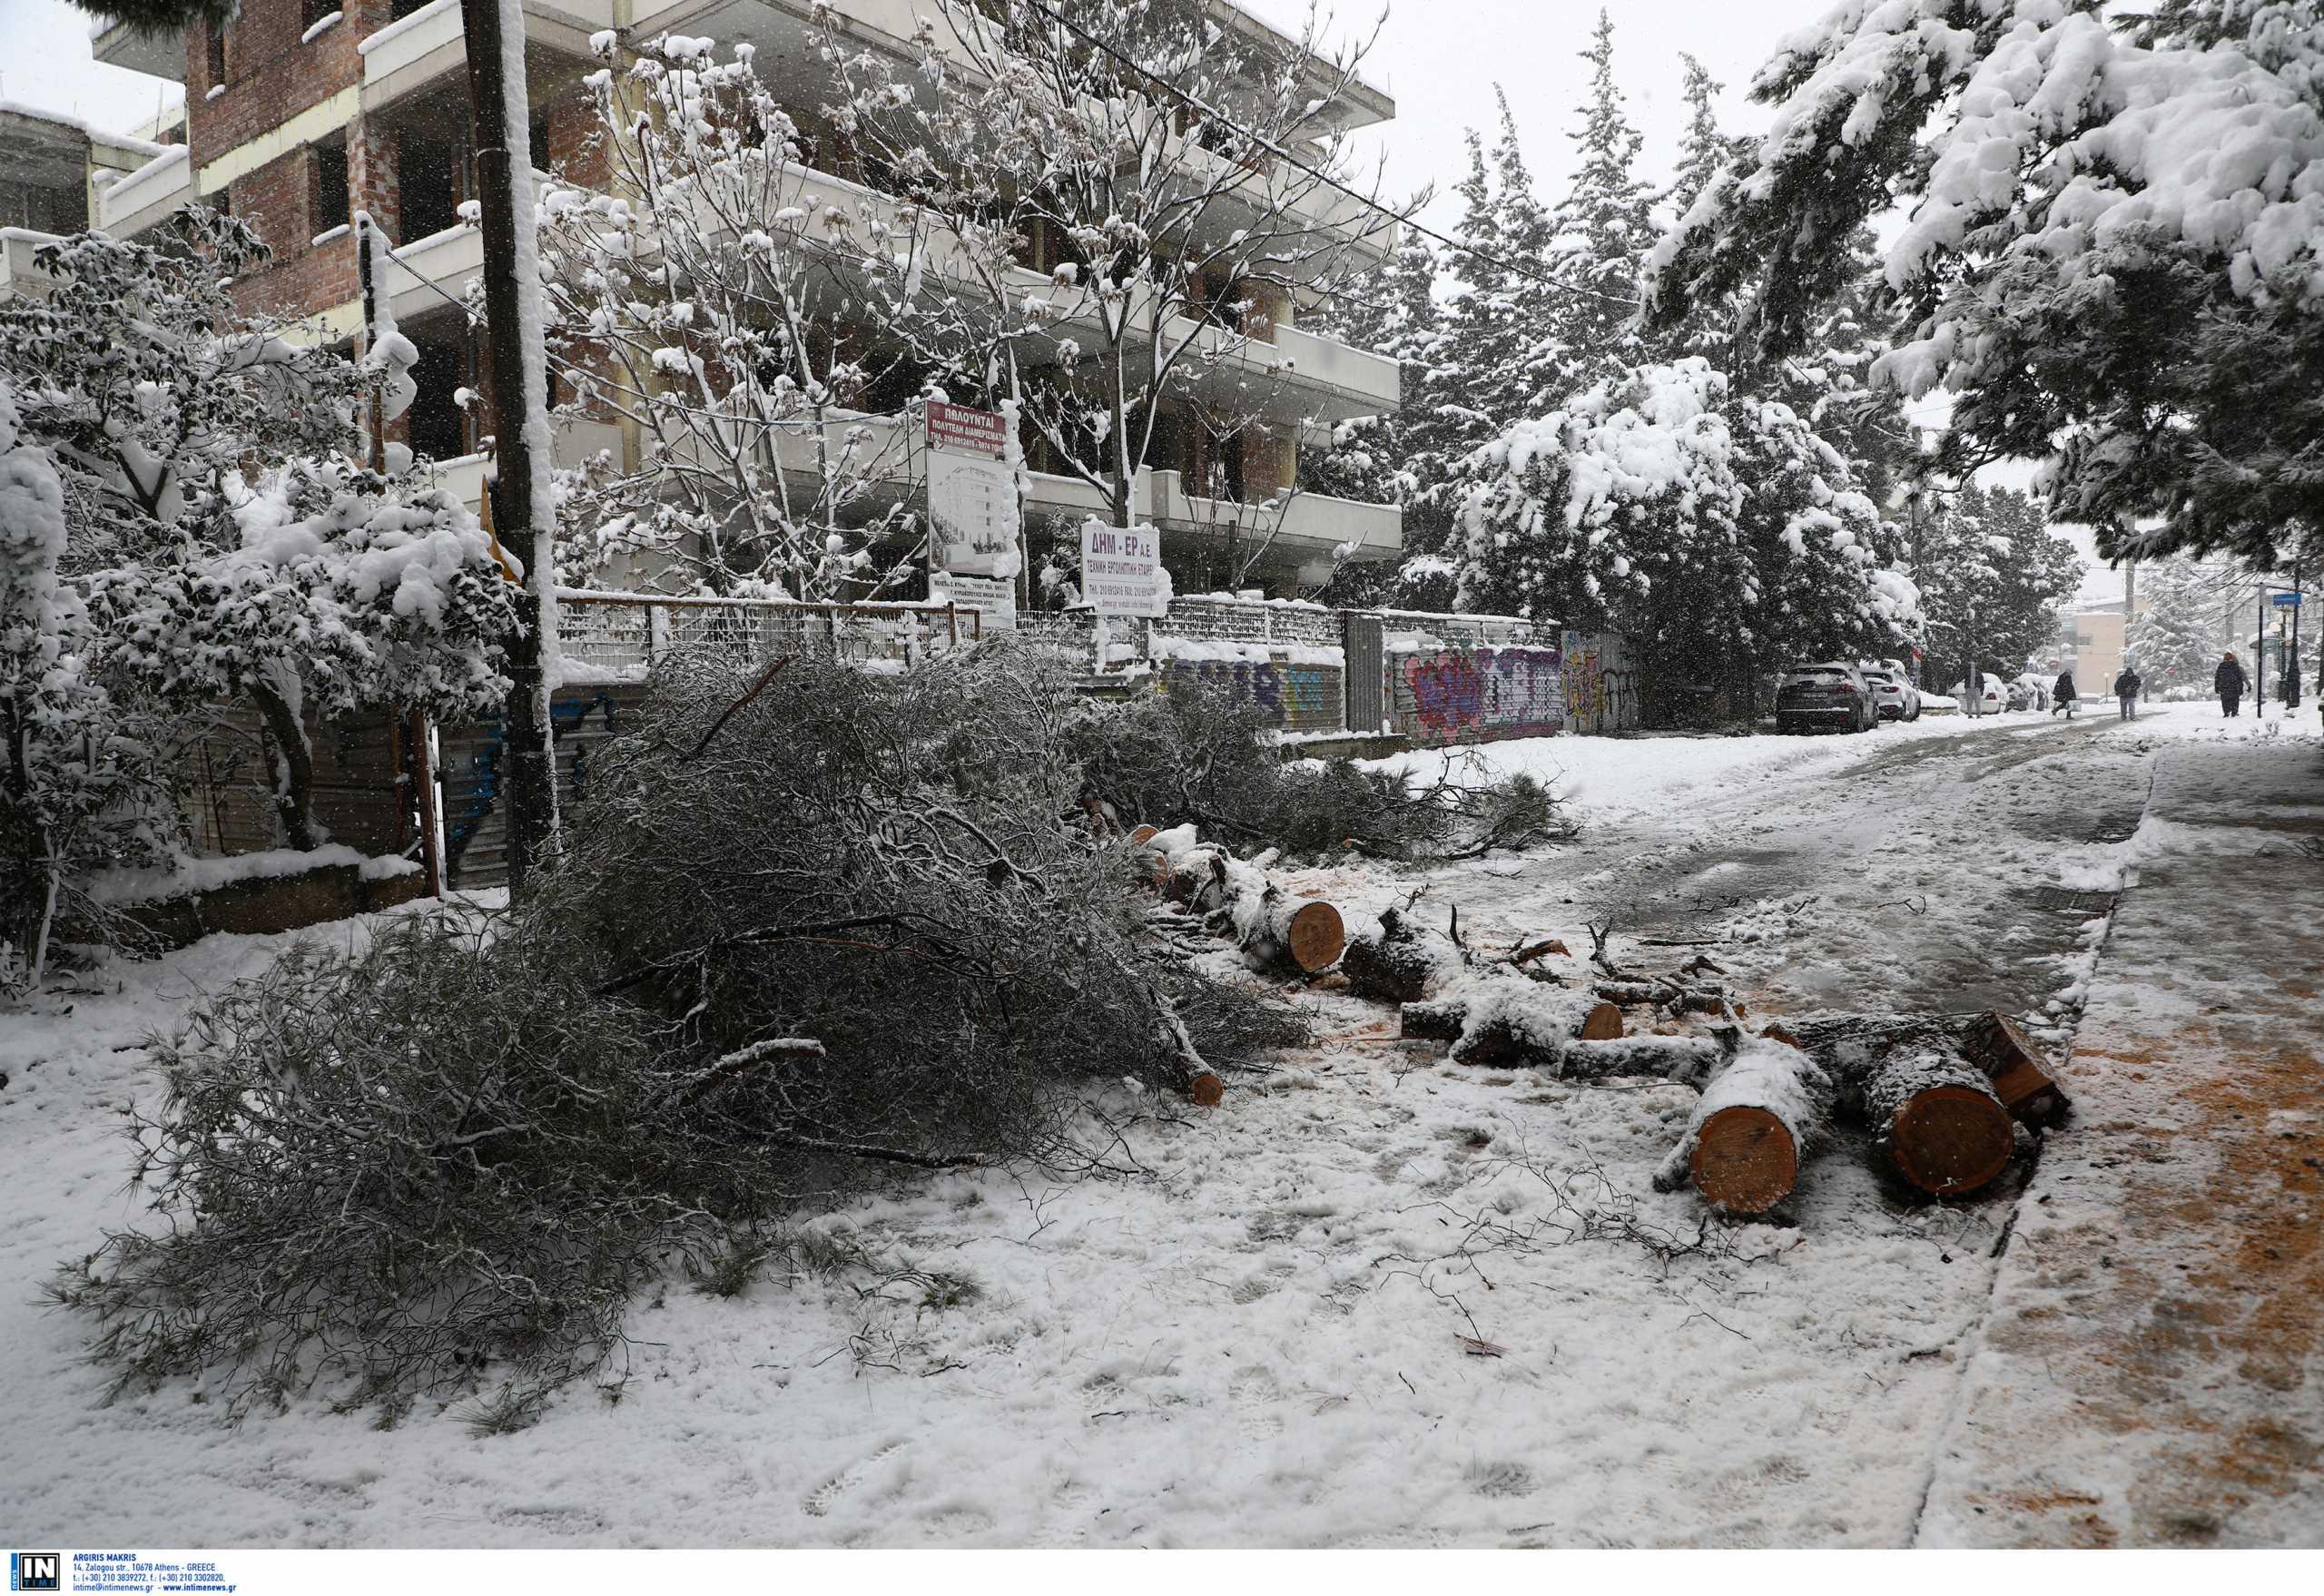 Χιλιάδες νοικοκυριά στην Αττική παραμένουν χωρίς ρεύμα – Η νέα ανακοίνωση του ΔΕΔΔΗΕ